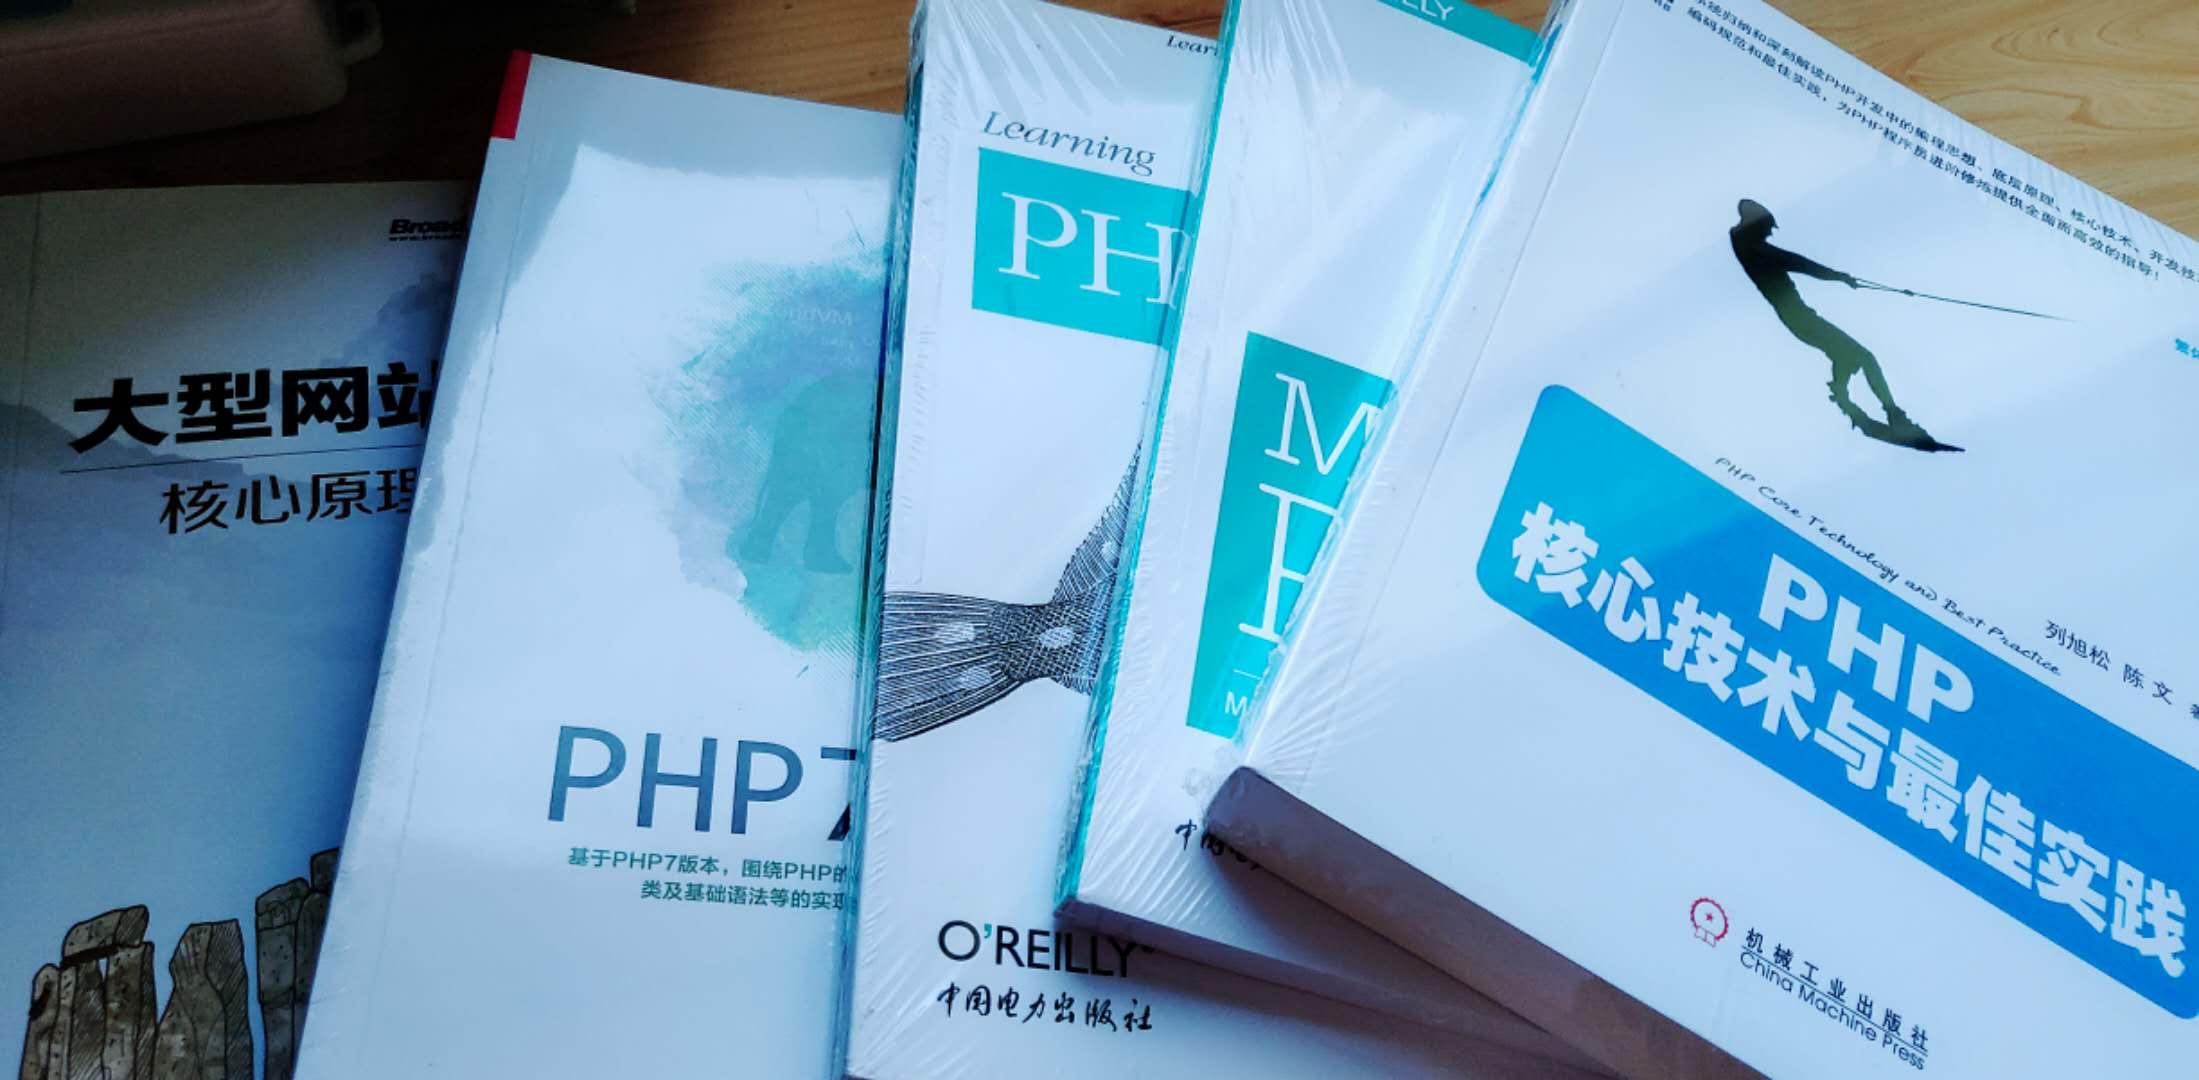 最近买的PHP书籍